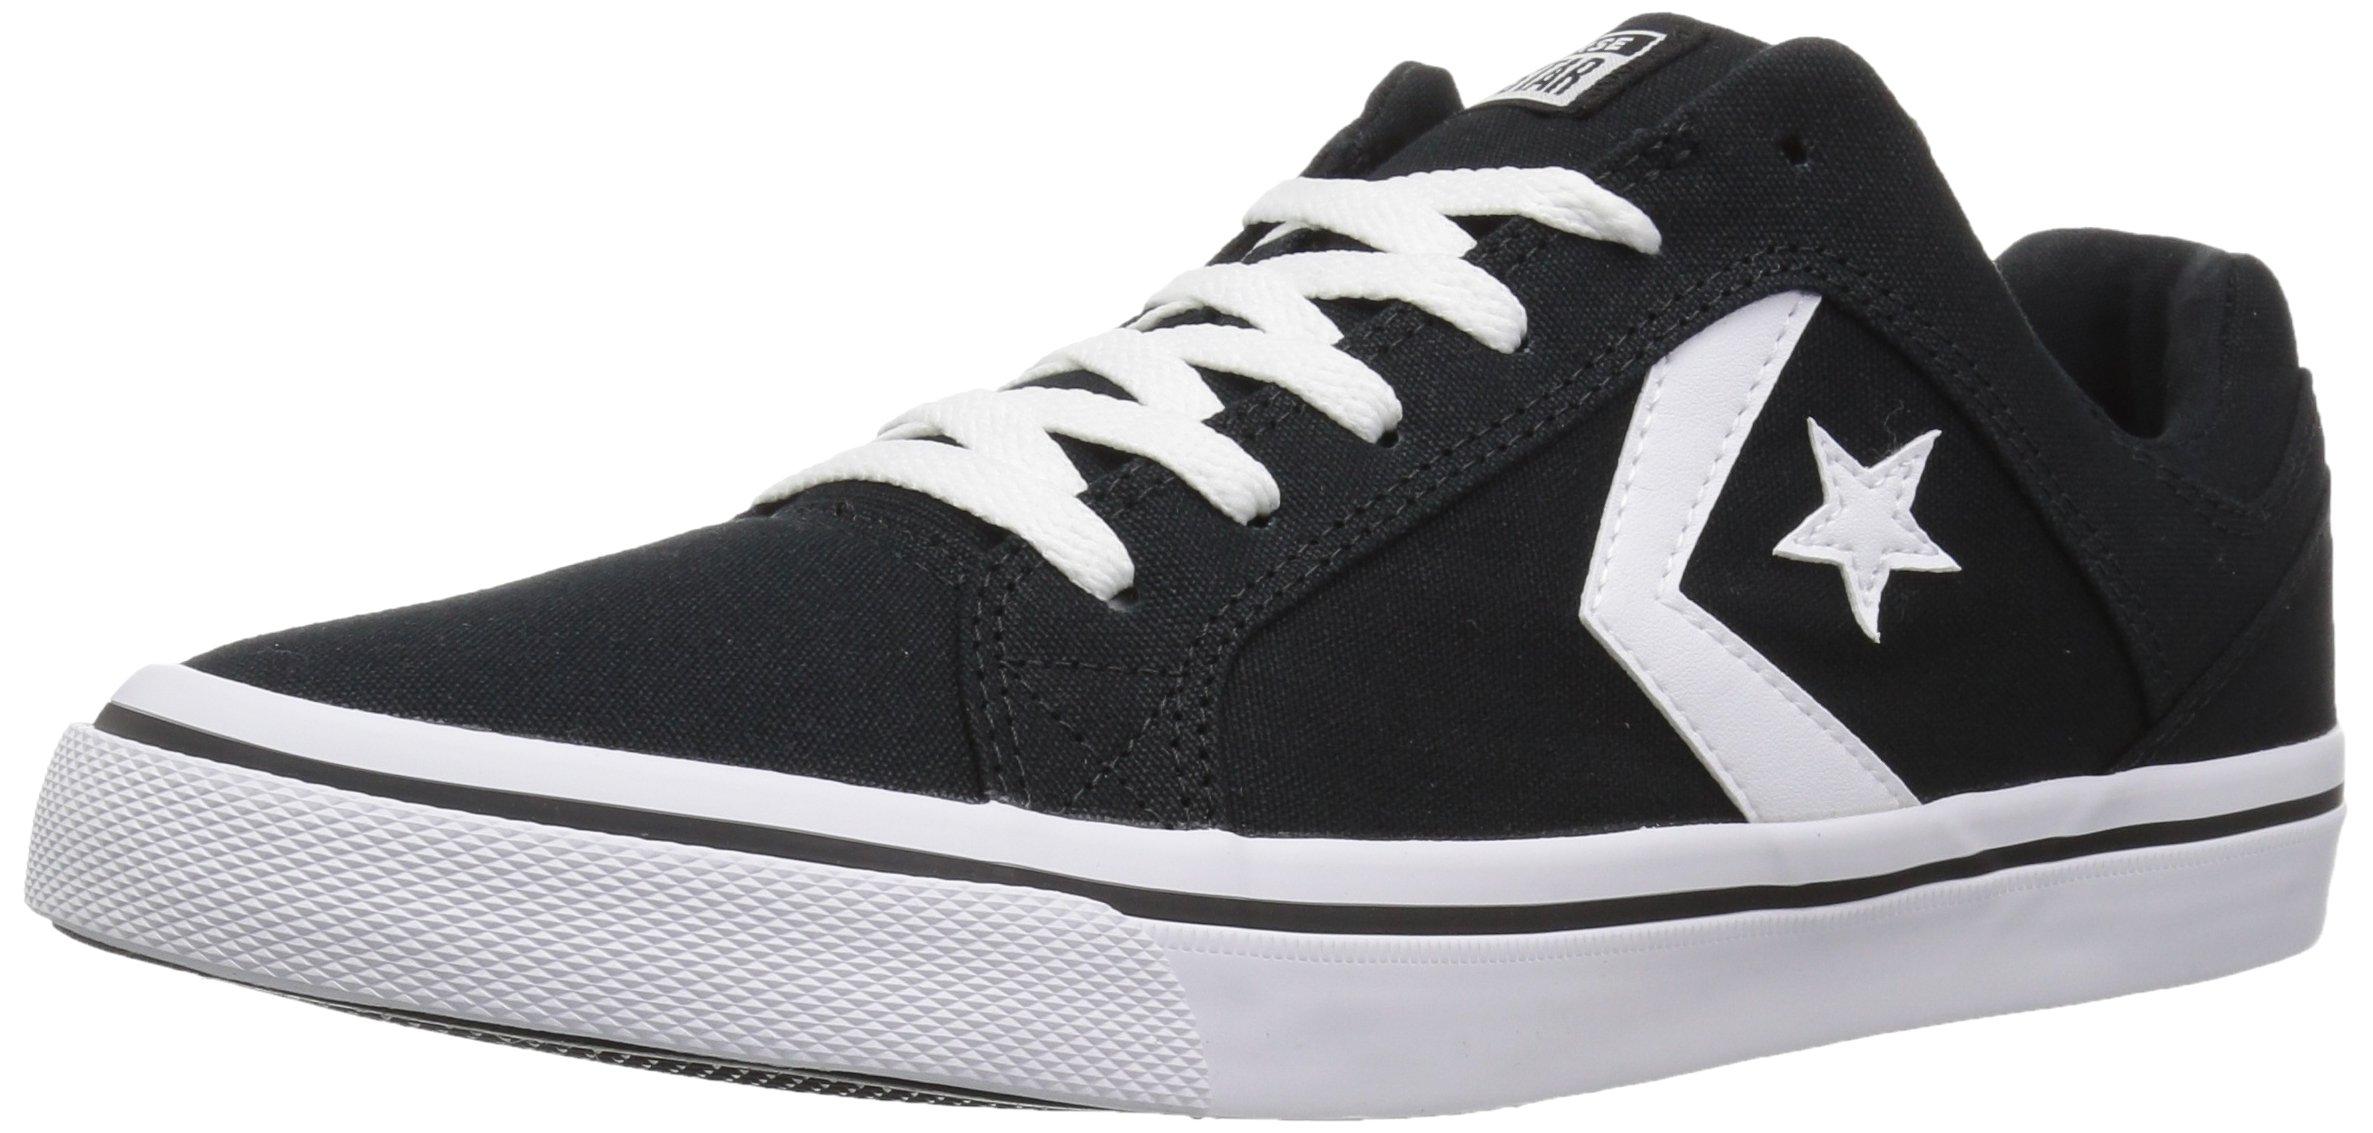 Converse EL Distrito Canvas Low Top Sneaker, Black/White/Black, 7 M US